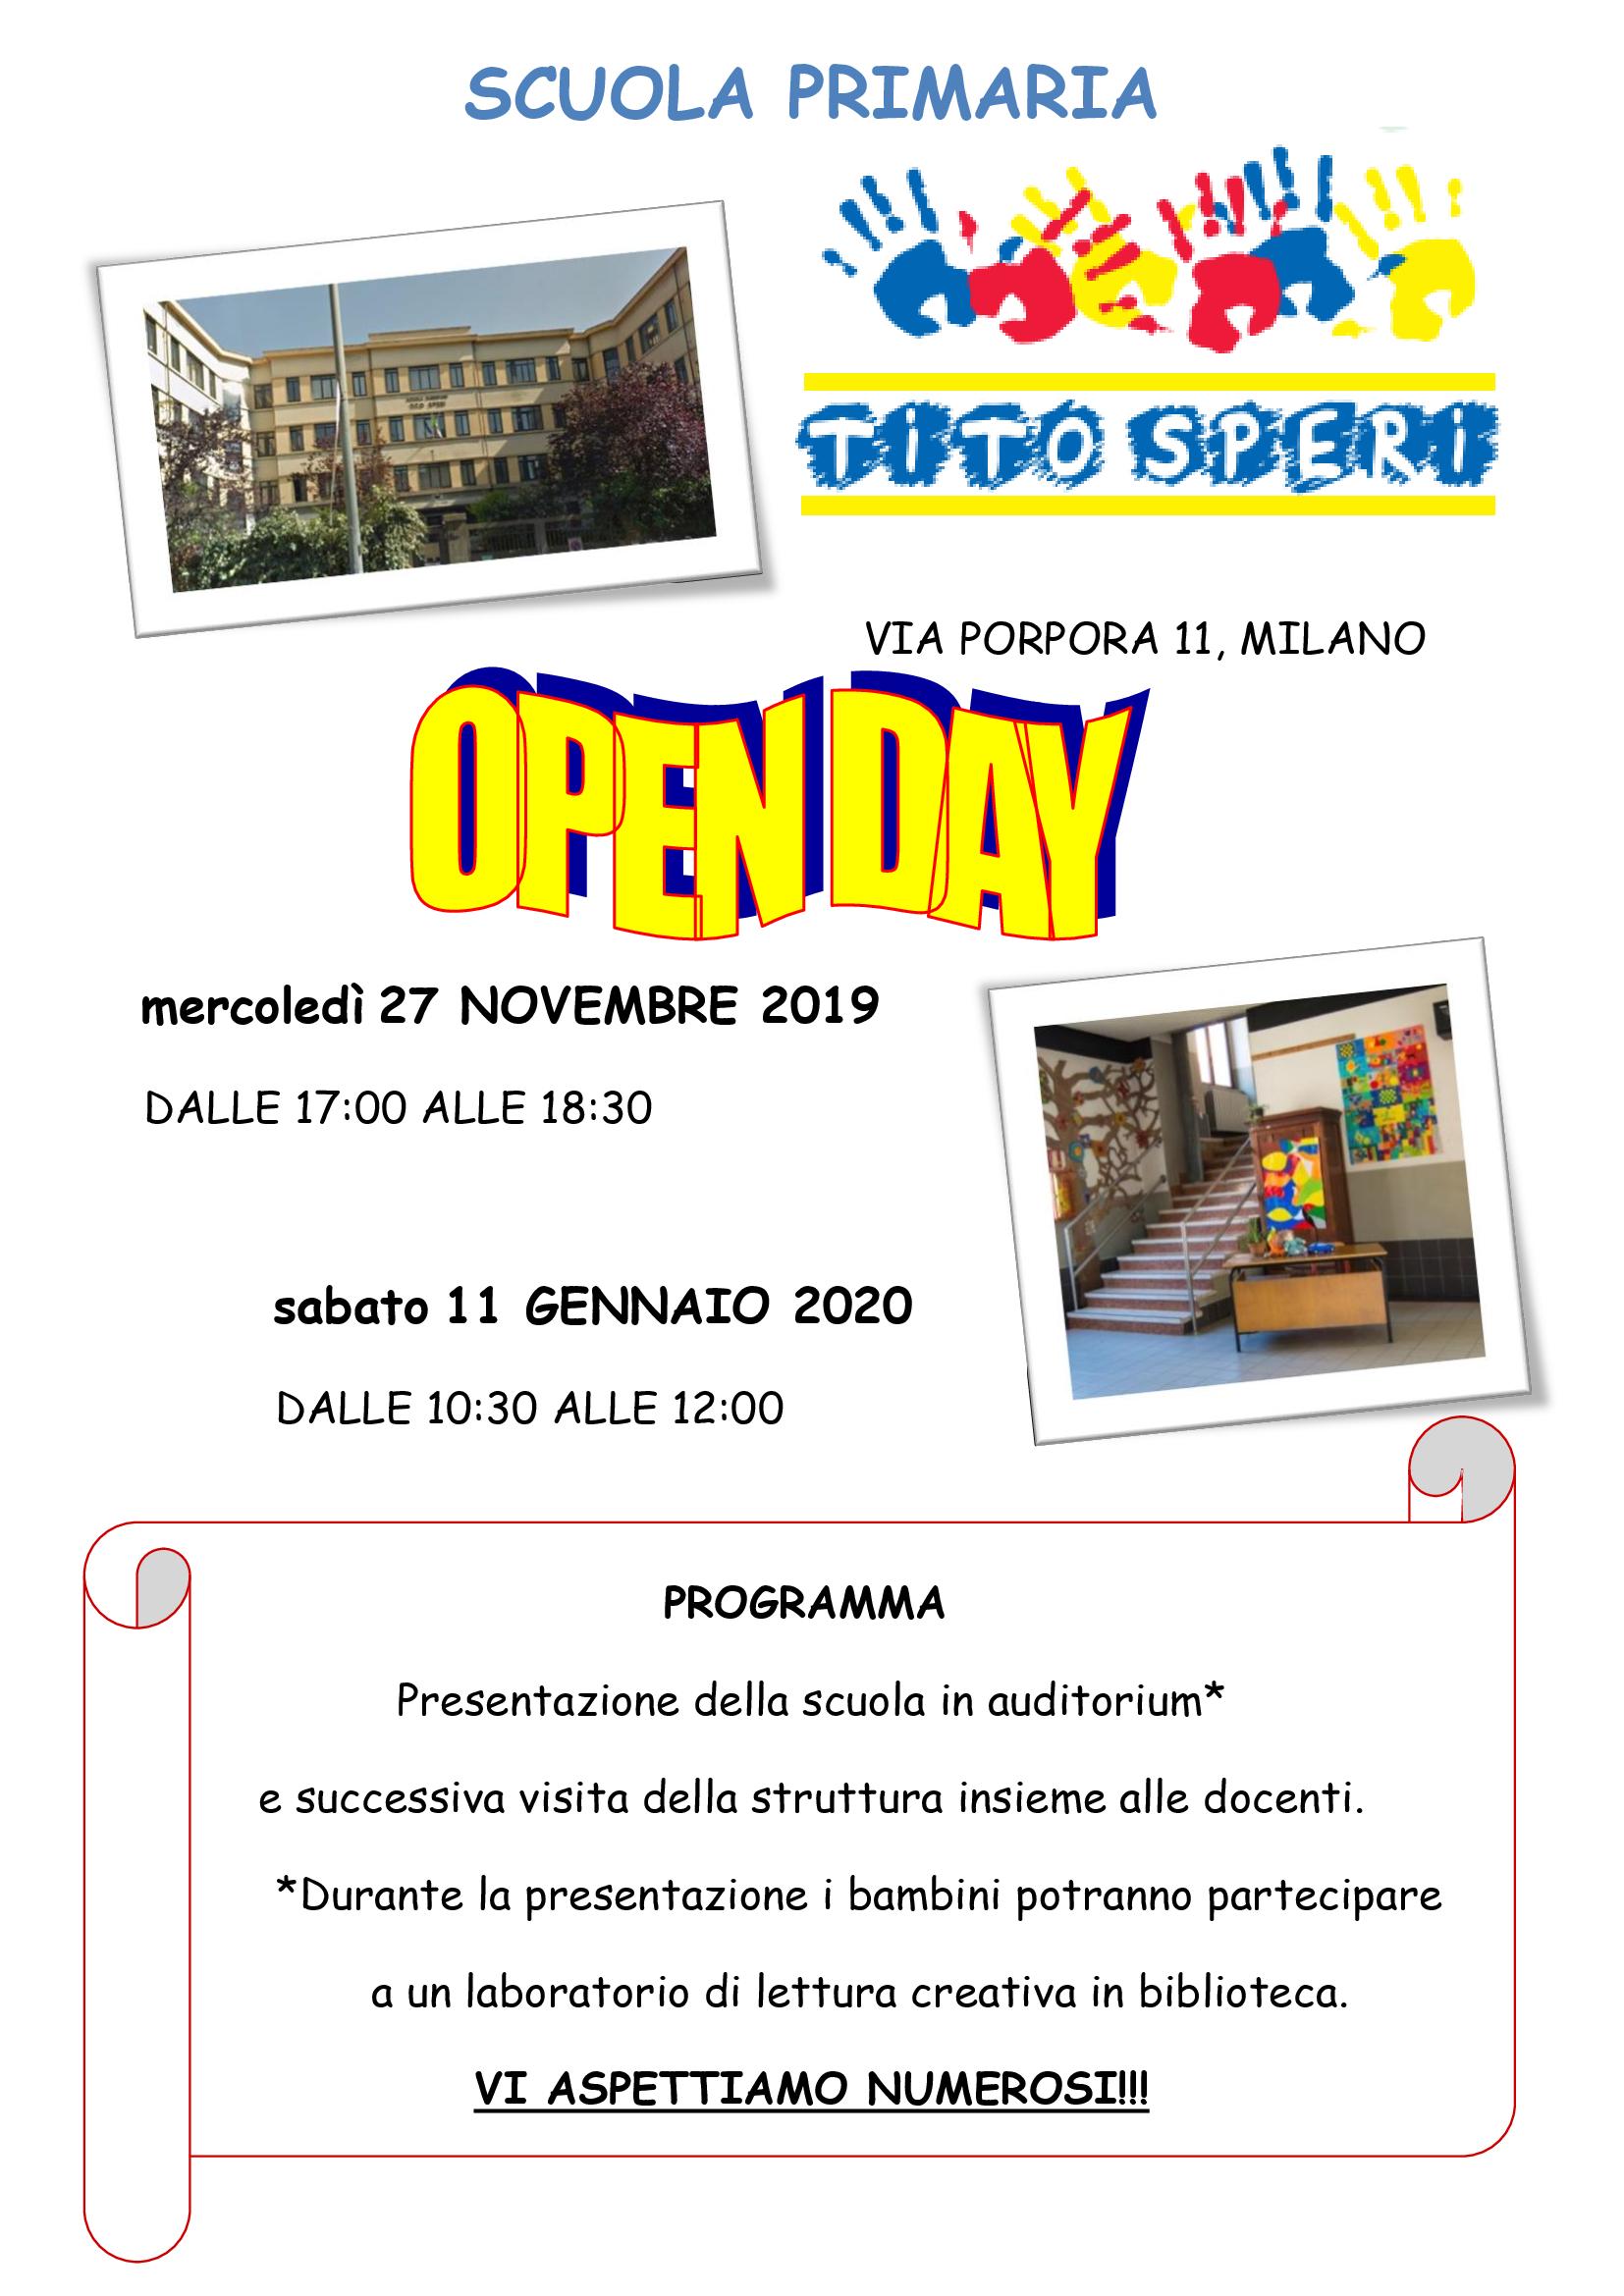 OPEN DAY 2019-2020 scuola primaria